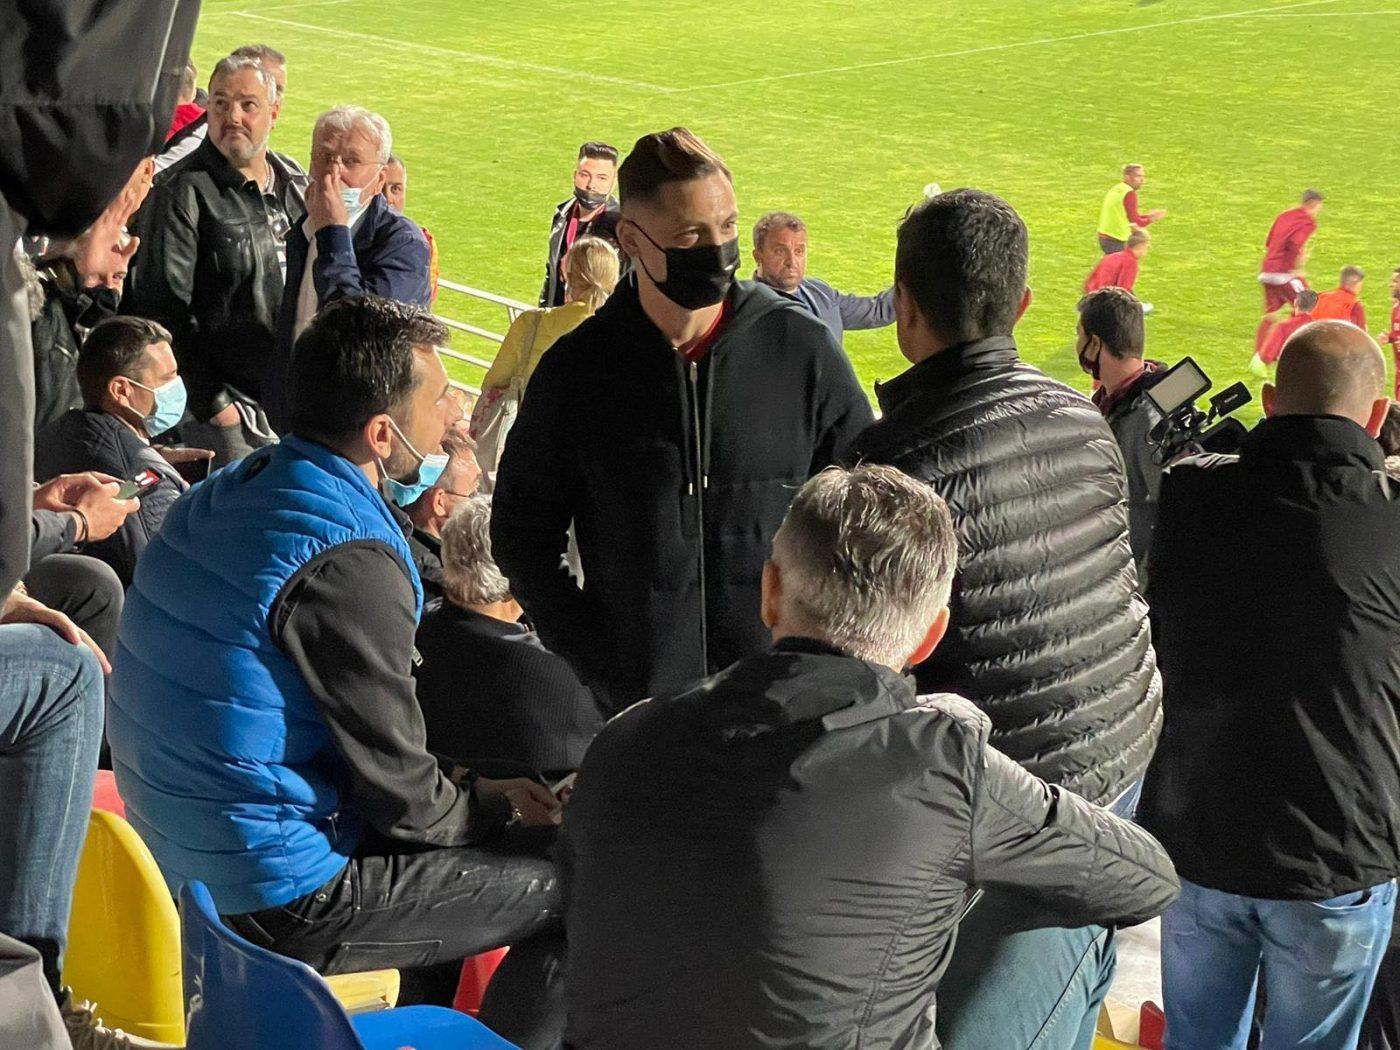 Au uitat de rivalitate! Mirel Rădoi și Răzvan Lucescu, prietenie strânsă! Imagini de senzație cu cei doi antrenori la meciul Rapidului   VIDEO & FOTO